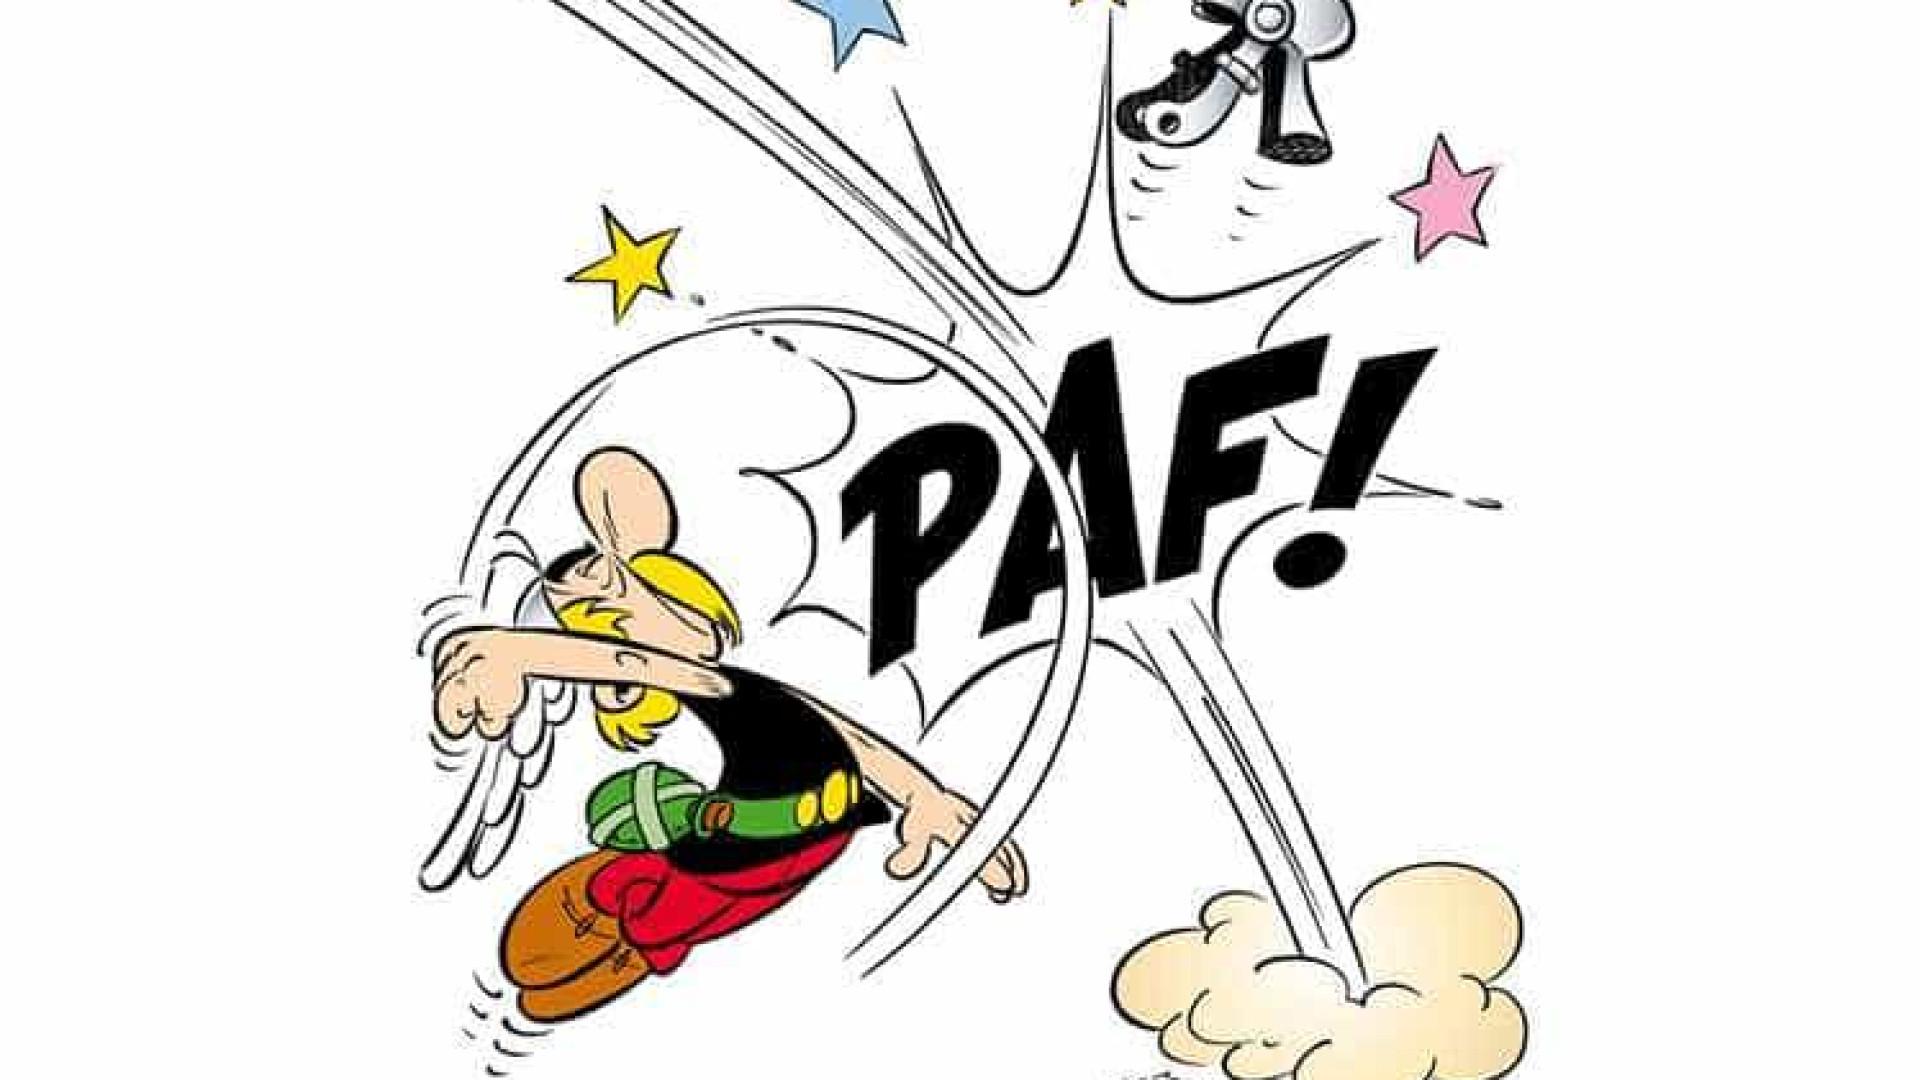 PS usa cartoon de Astérix para ridicularizar coligação